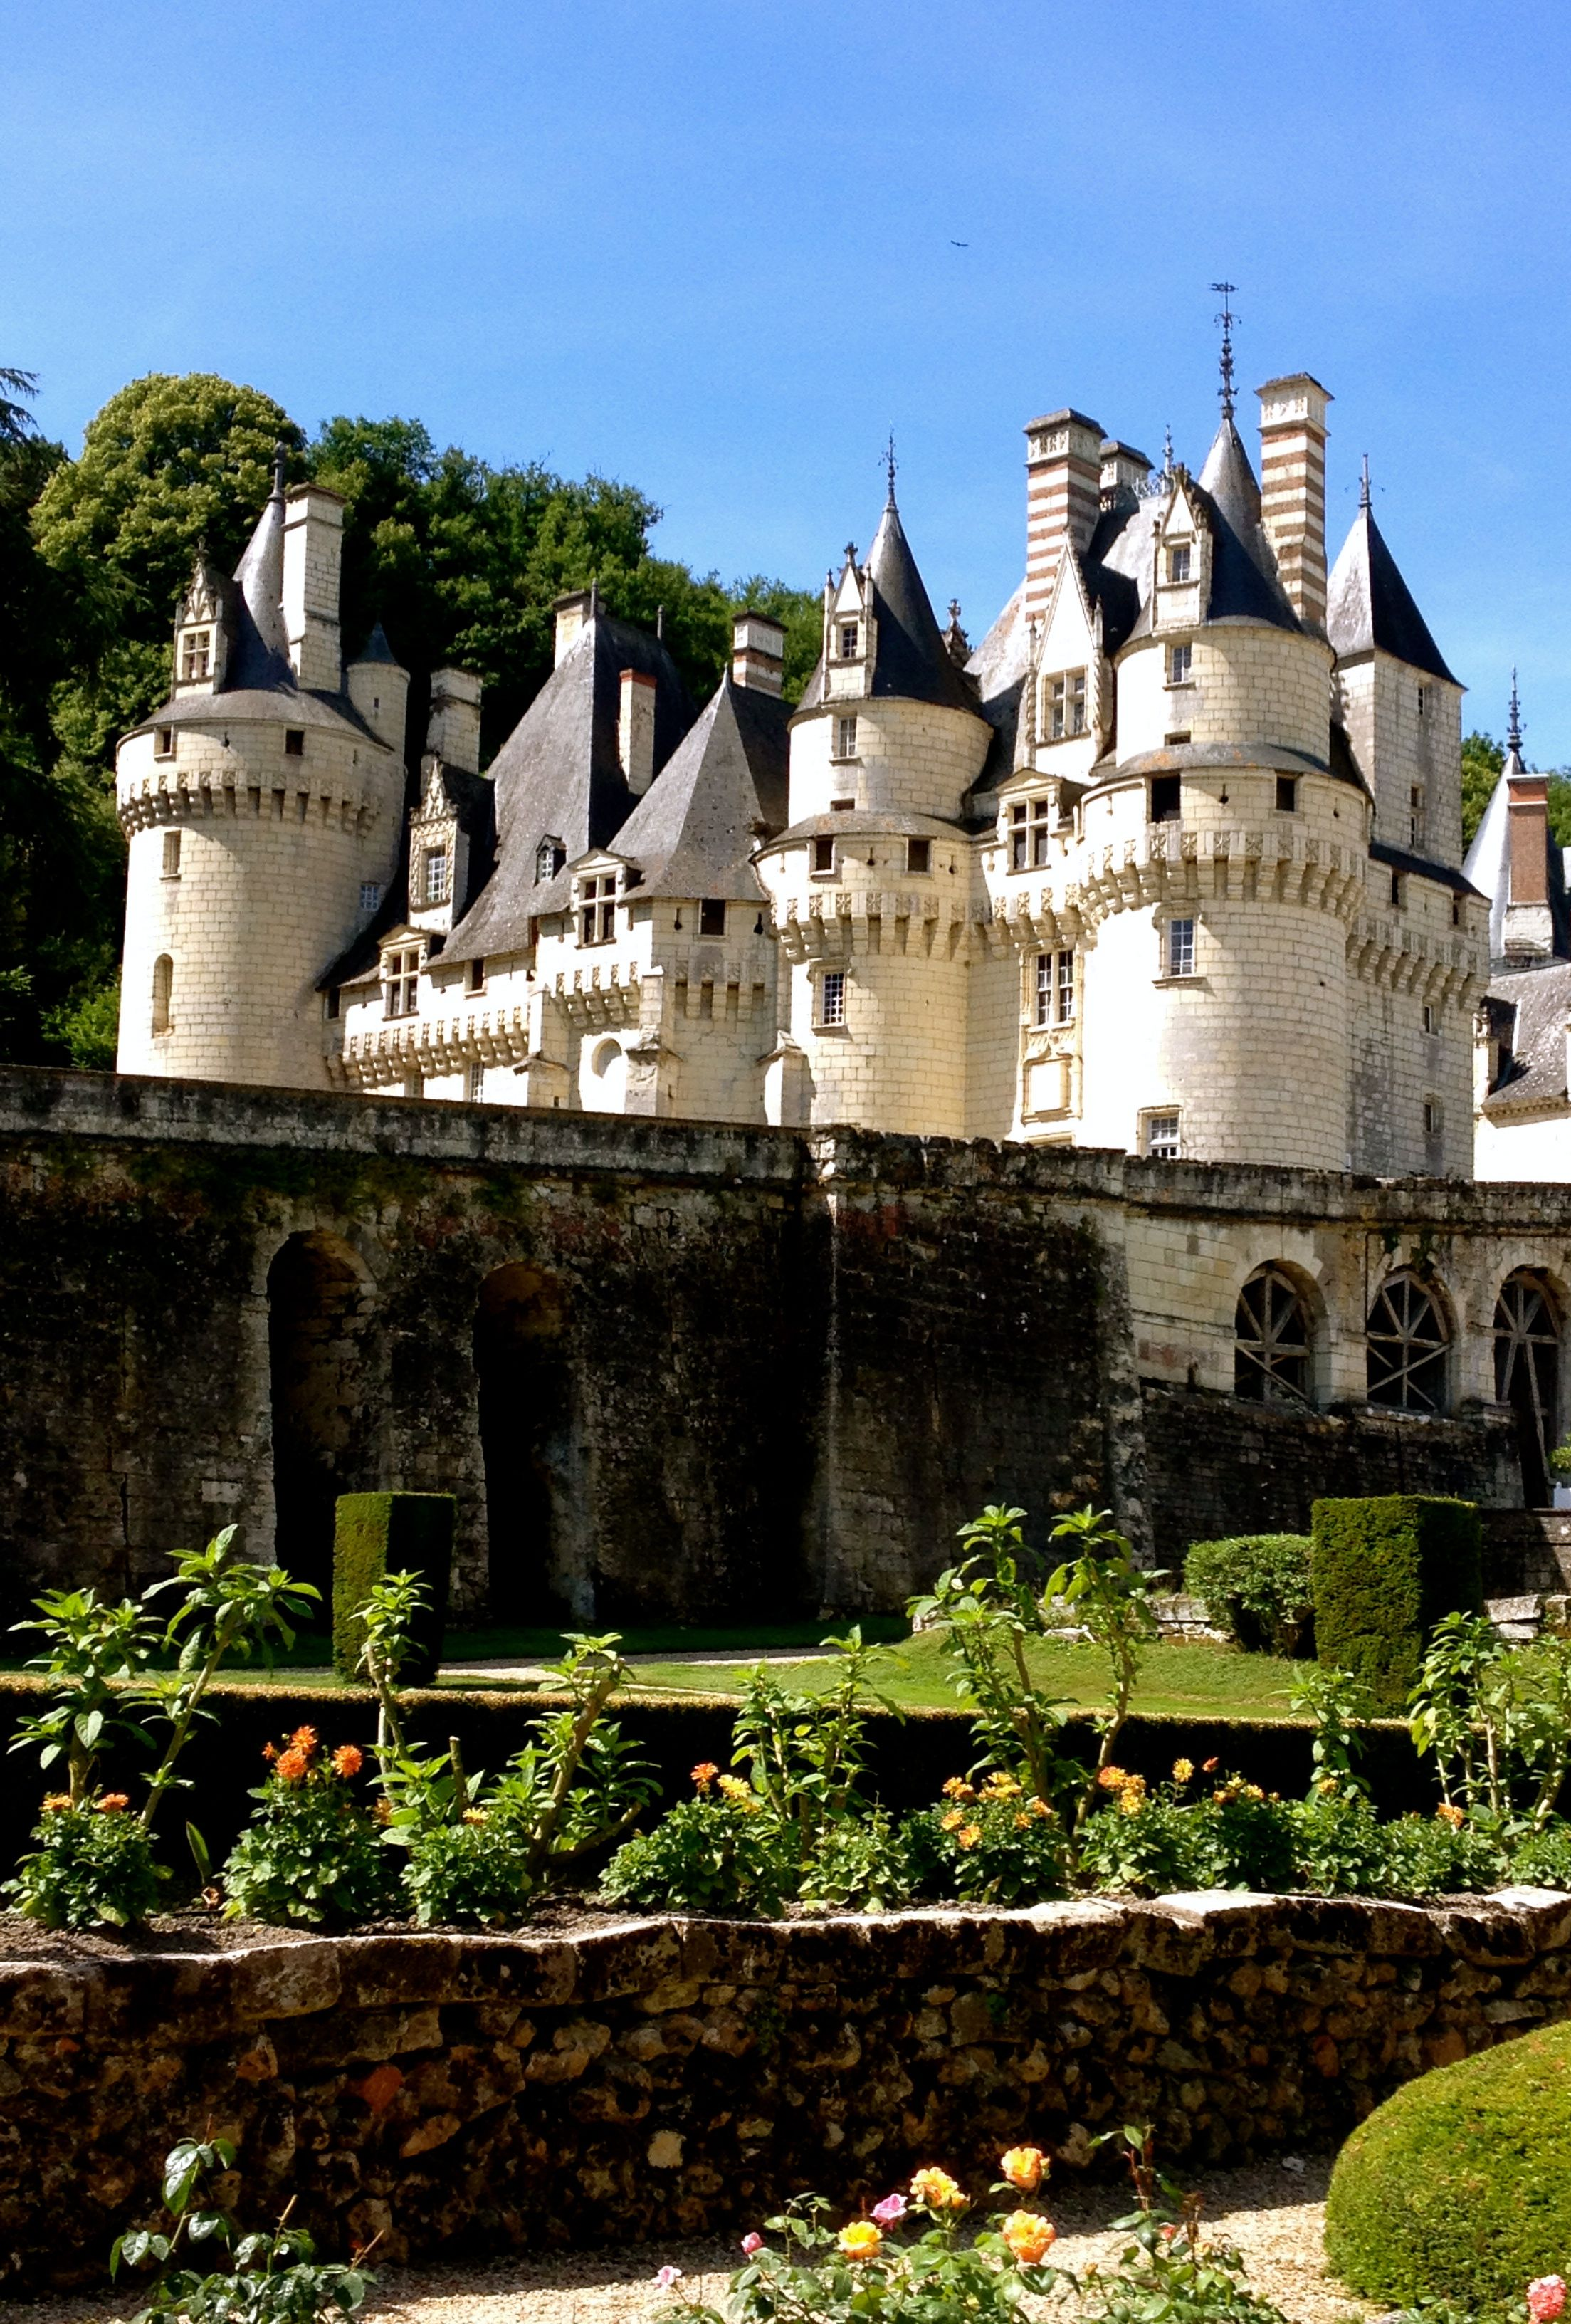 Paysagiste Indre Et Loire azay-le-rideau–rigny-ussé—chinon   château d'ussé, chateau